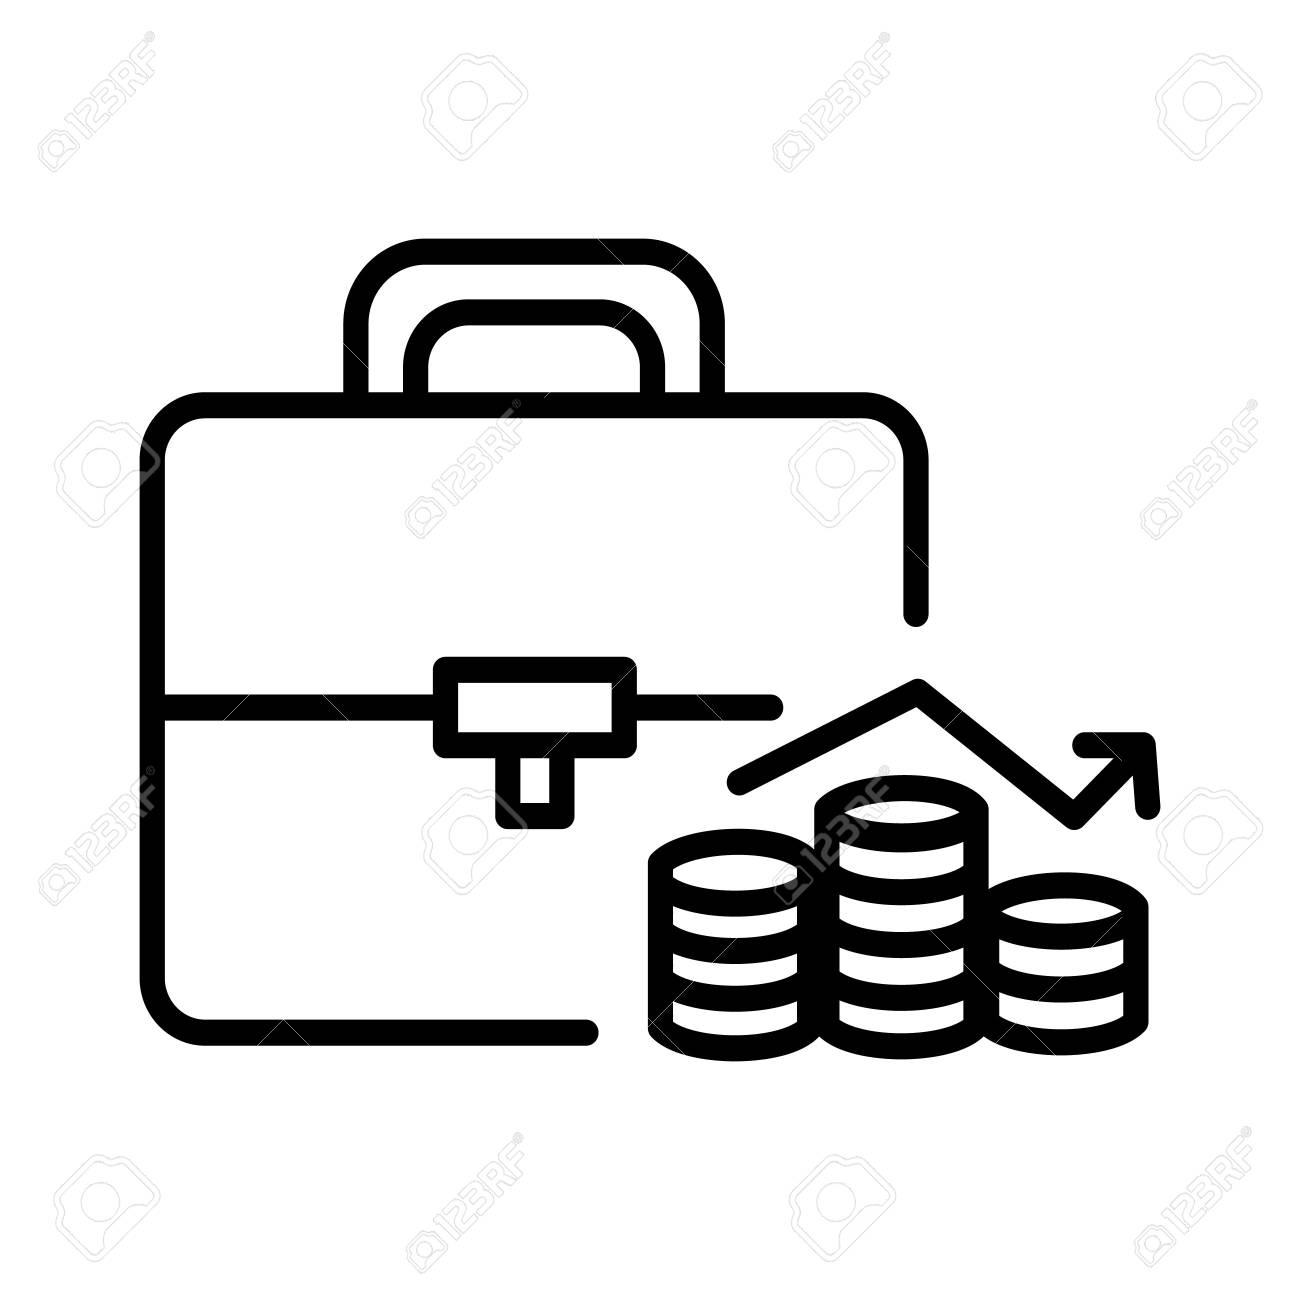 investment portofolio illustration design - 68900315